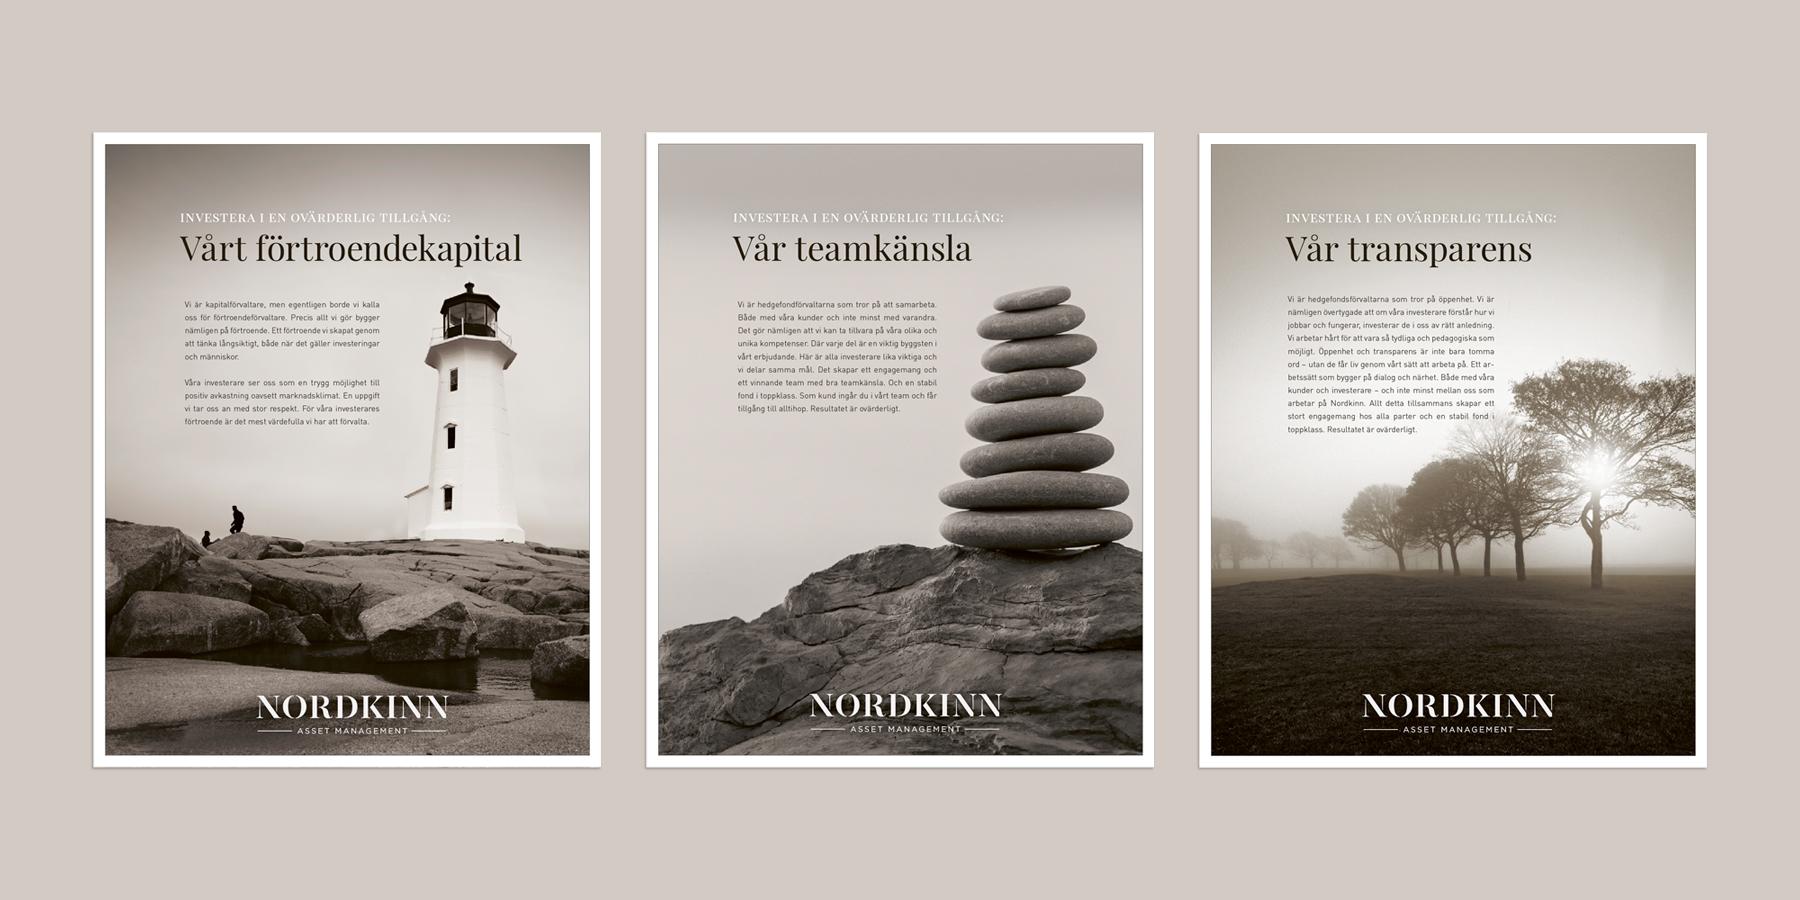 design formgivning logotyp symbol grafisk identitet profil nordkin fondförvaltare ekonomi Brandma designbyrå reklambyrå kommunikationsbyrå Stockholm